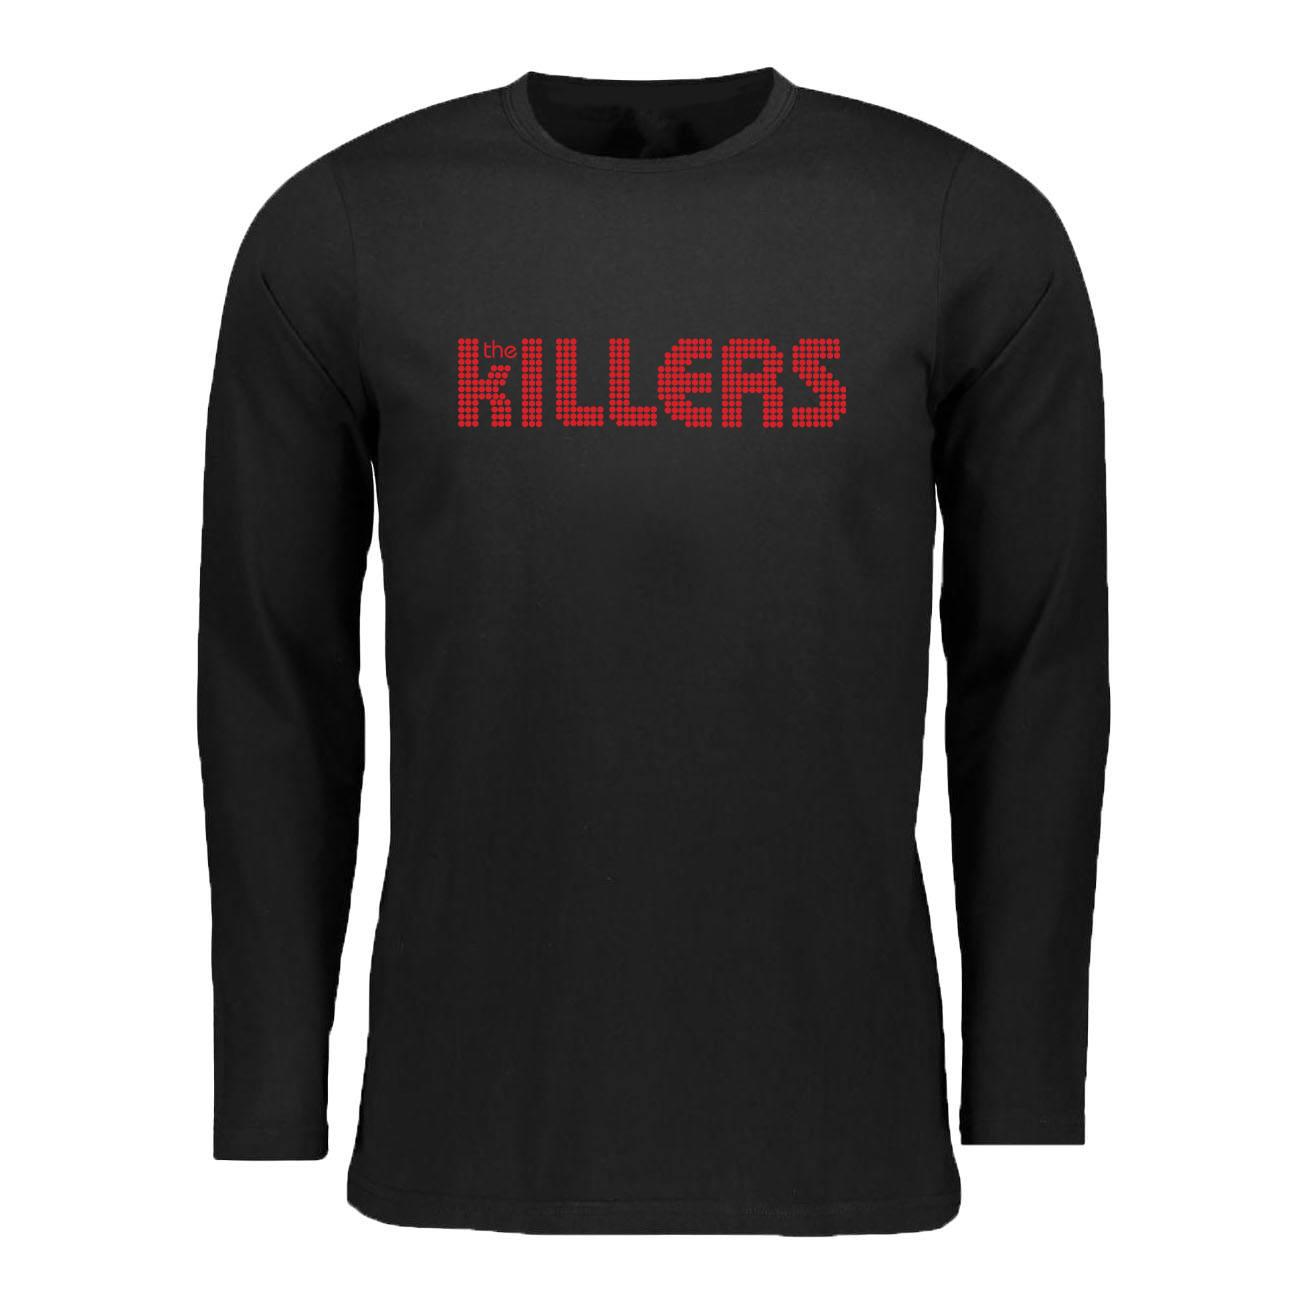 تی شرت آستین کوتاه زنانه مدل killers کد 006Rd